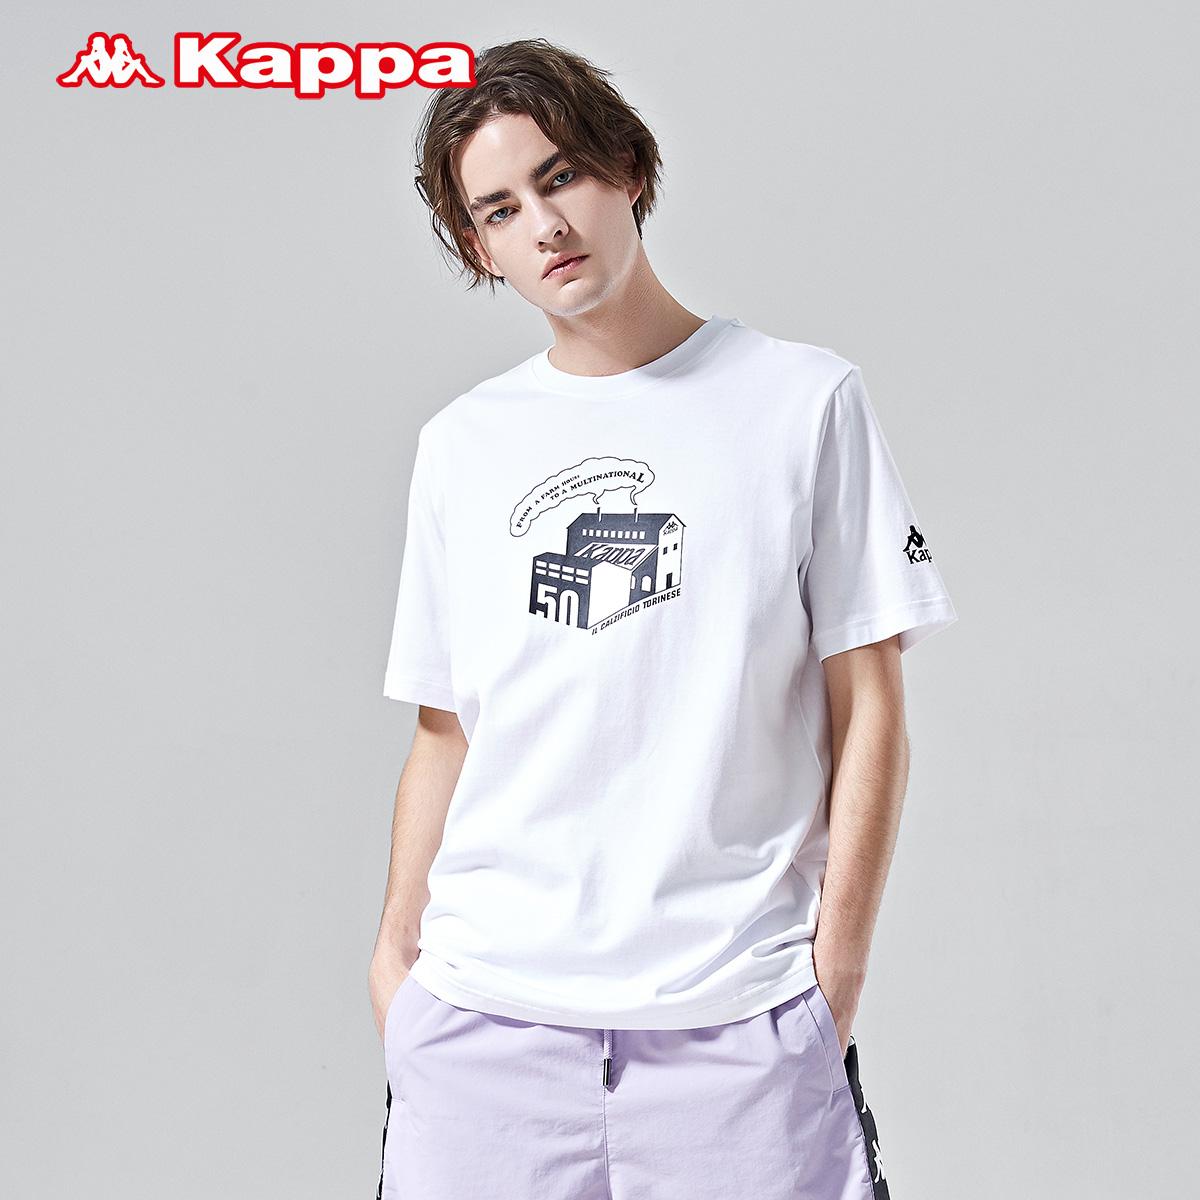 Kappa卡帕男款休闲短袖运动印花T恤夏季半袖|K0912TD69